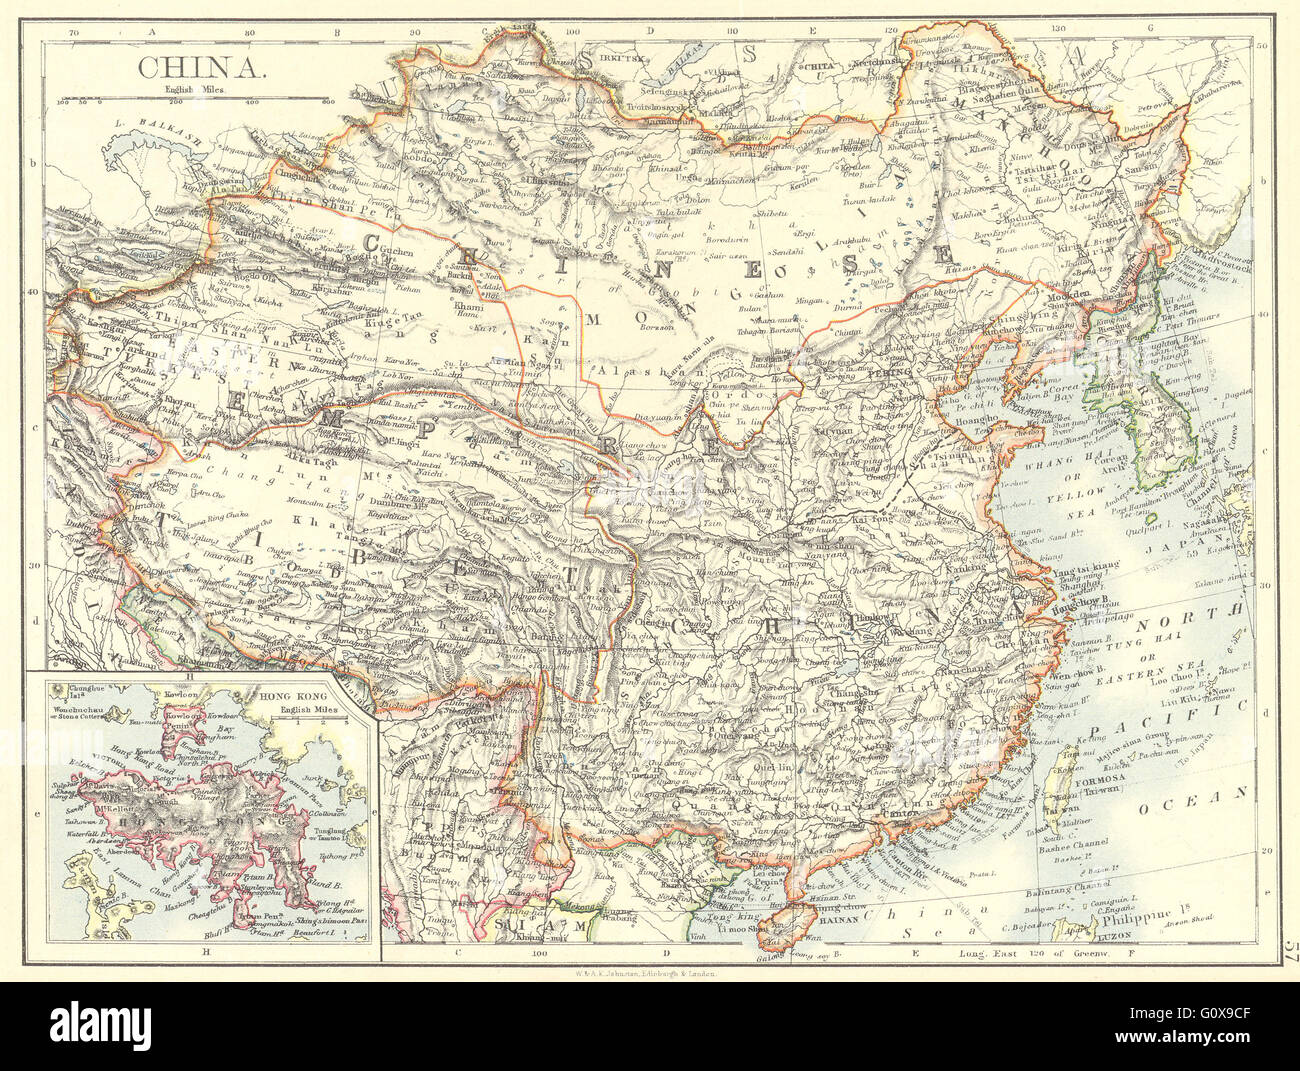 CHINA: China Korea Mongolia; Inset Hong Kong, 1897 antique map - Stock Image